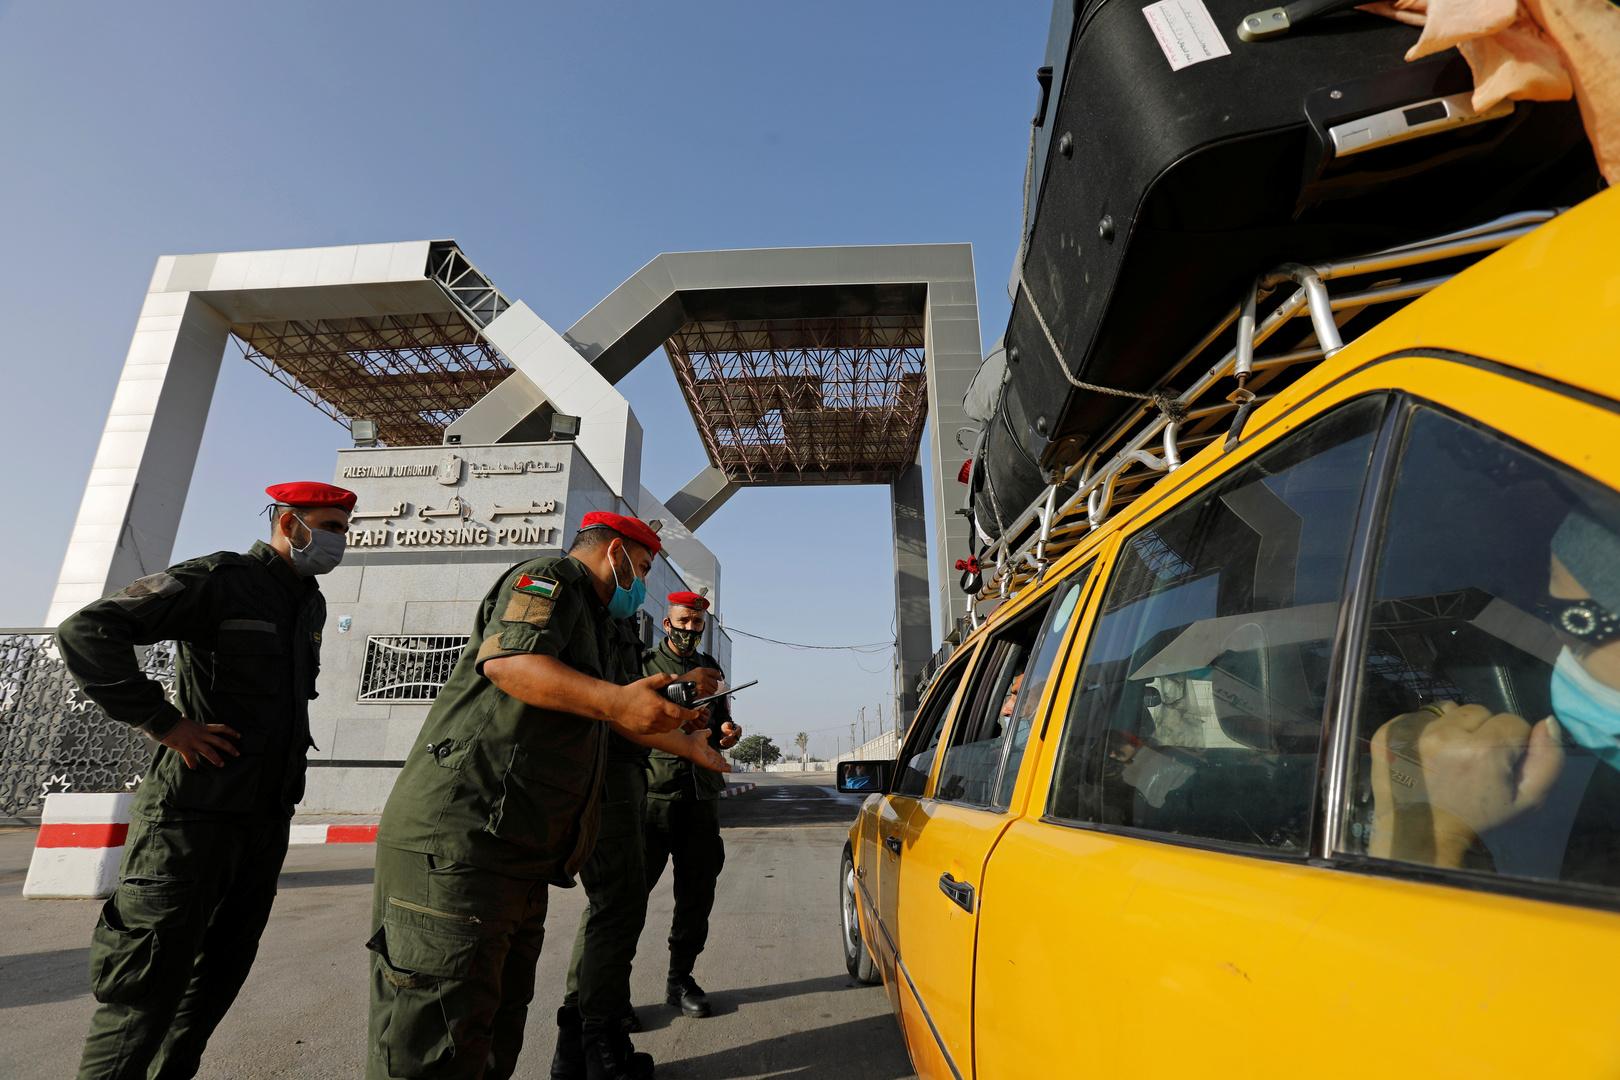 مصر تفتح معبر رفح أربعة أيام اعتبارا من الاثنين